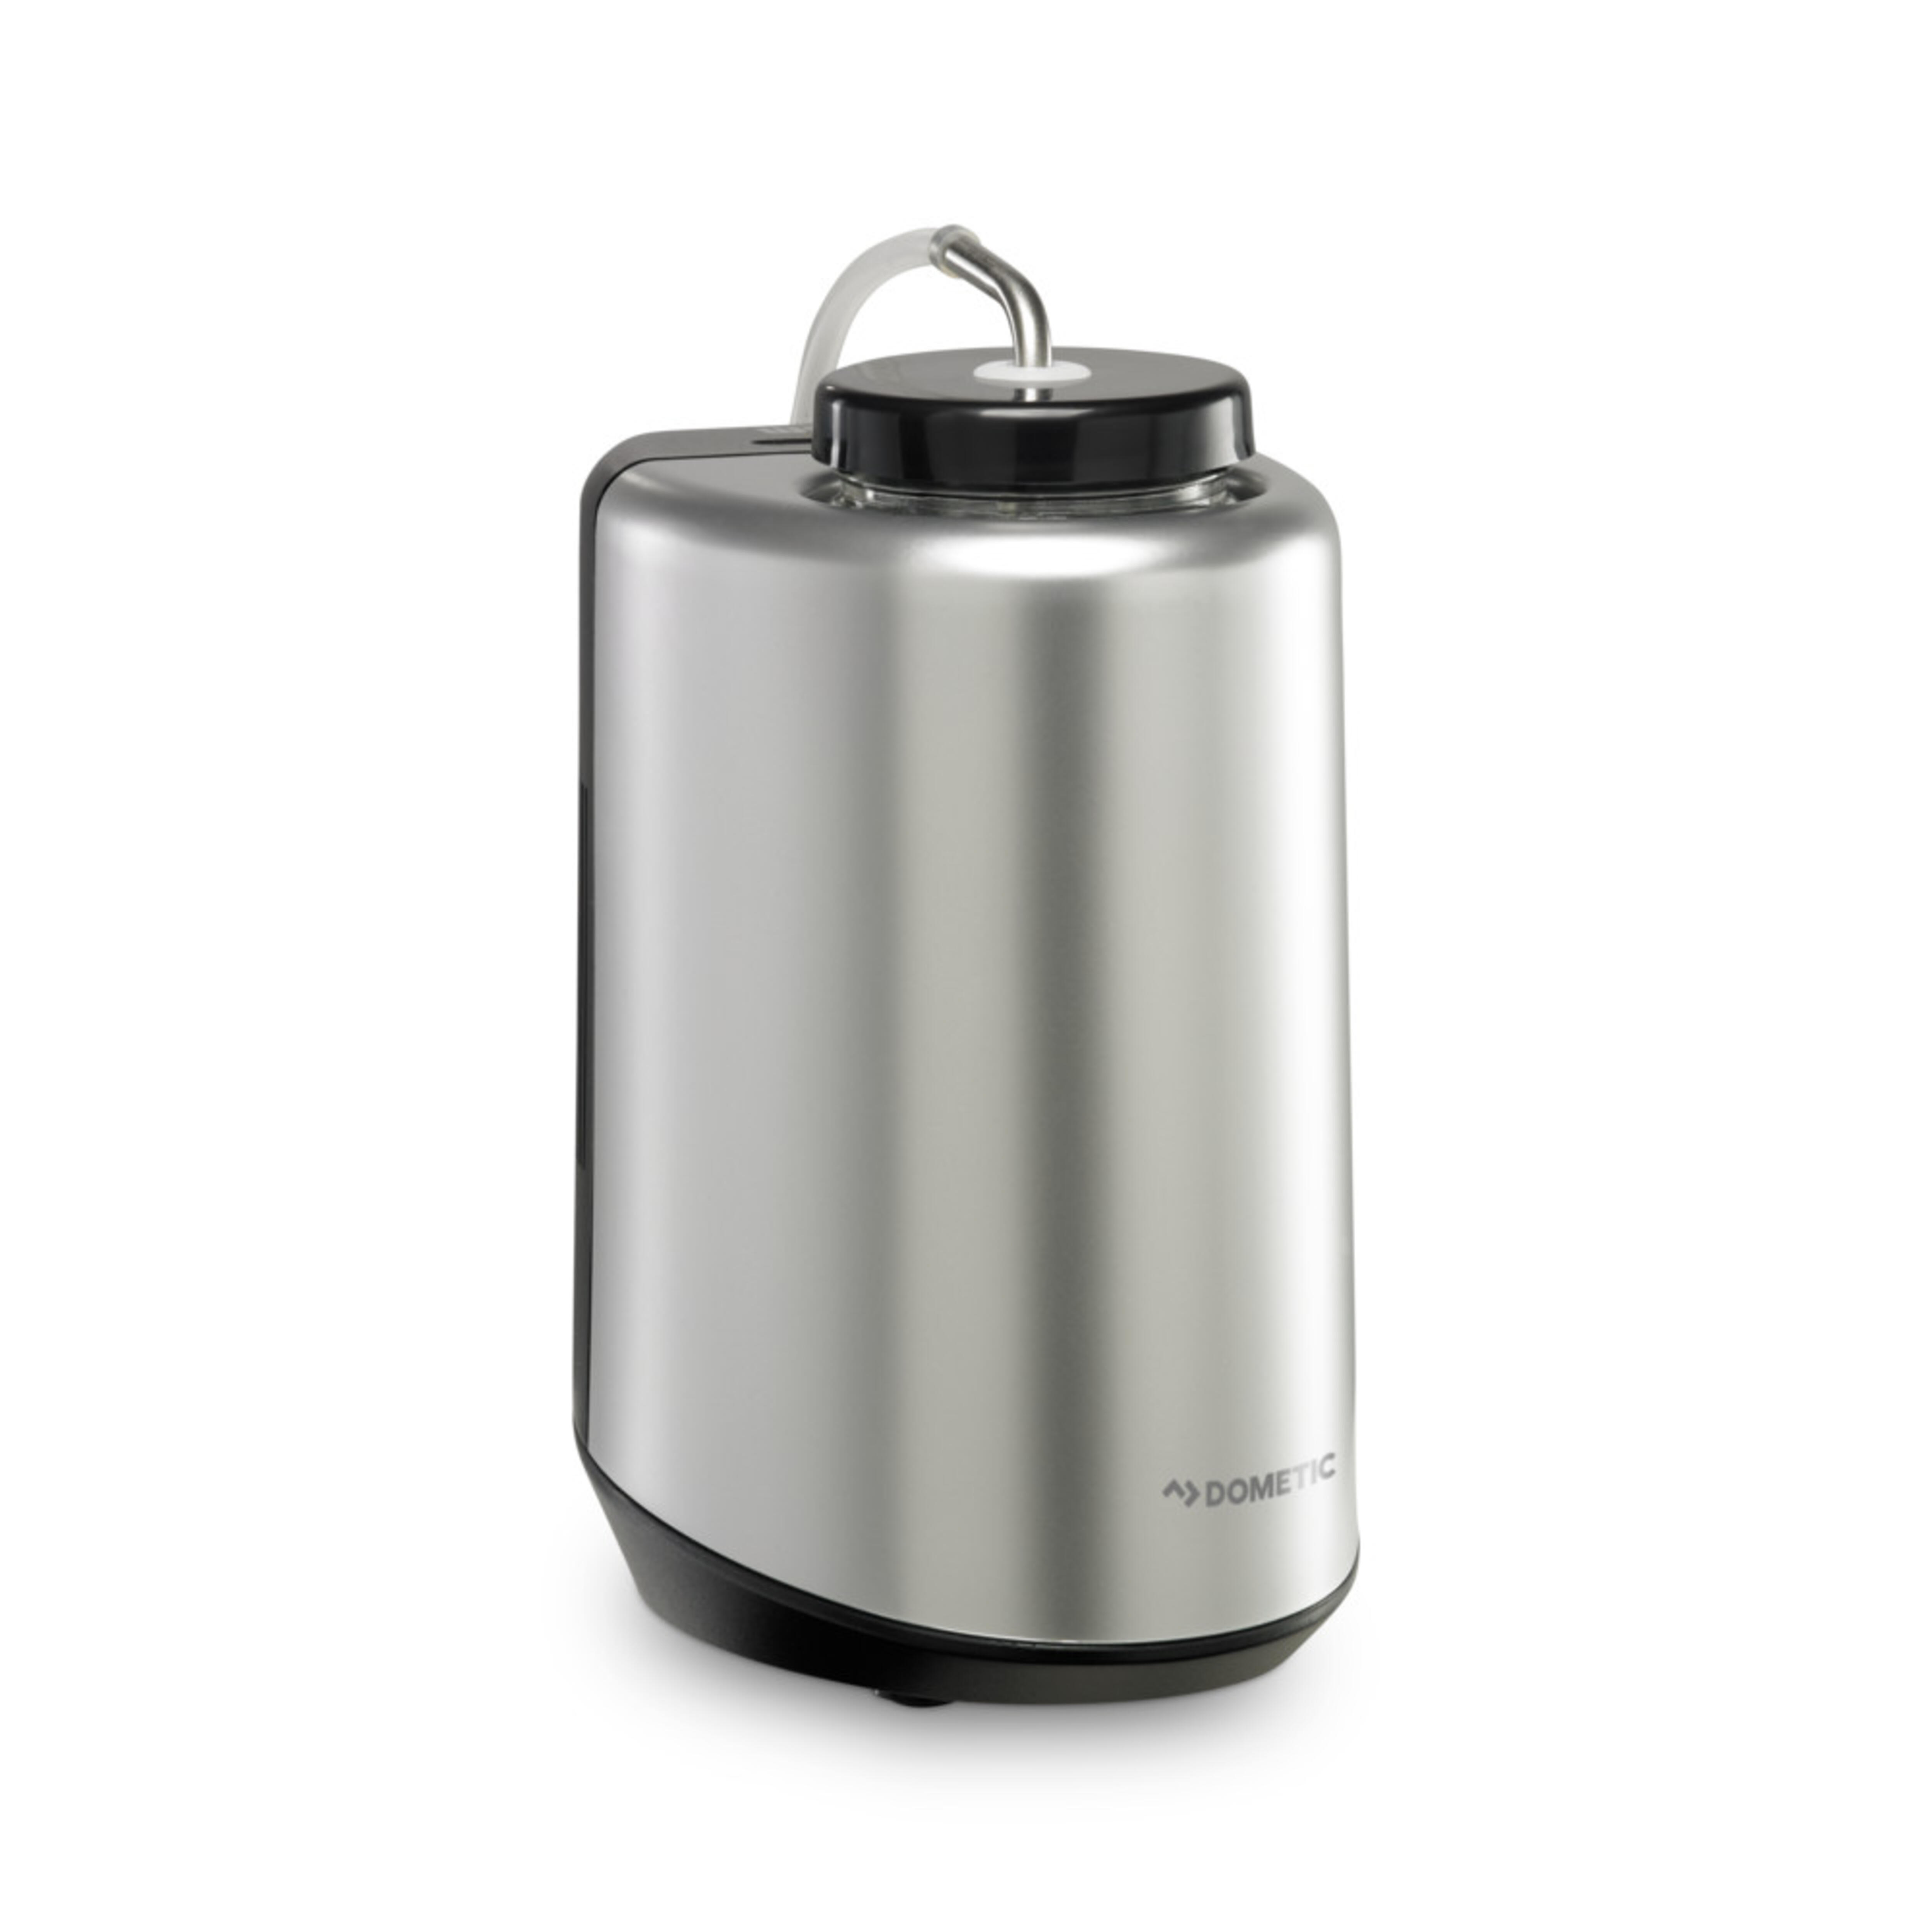 Obstp/üre Mydio Baby- und Gefrierschrank Gem/üse w/ürfelf/örmig mit Deckel f/ür selbstgemachte Babynahrung BPA-frei